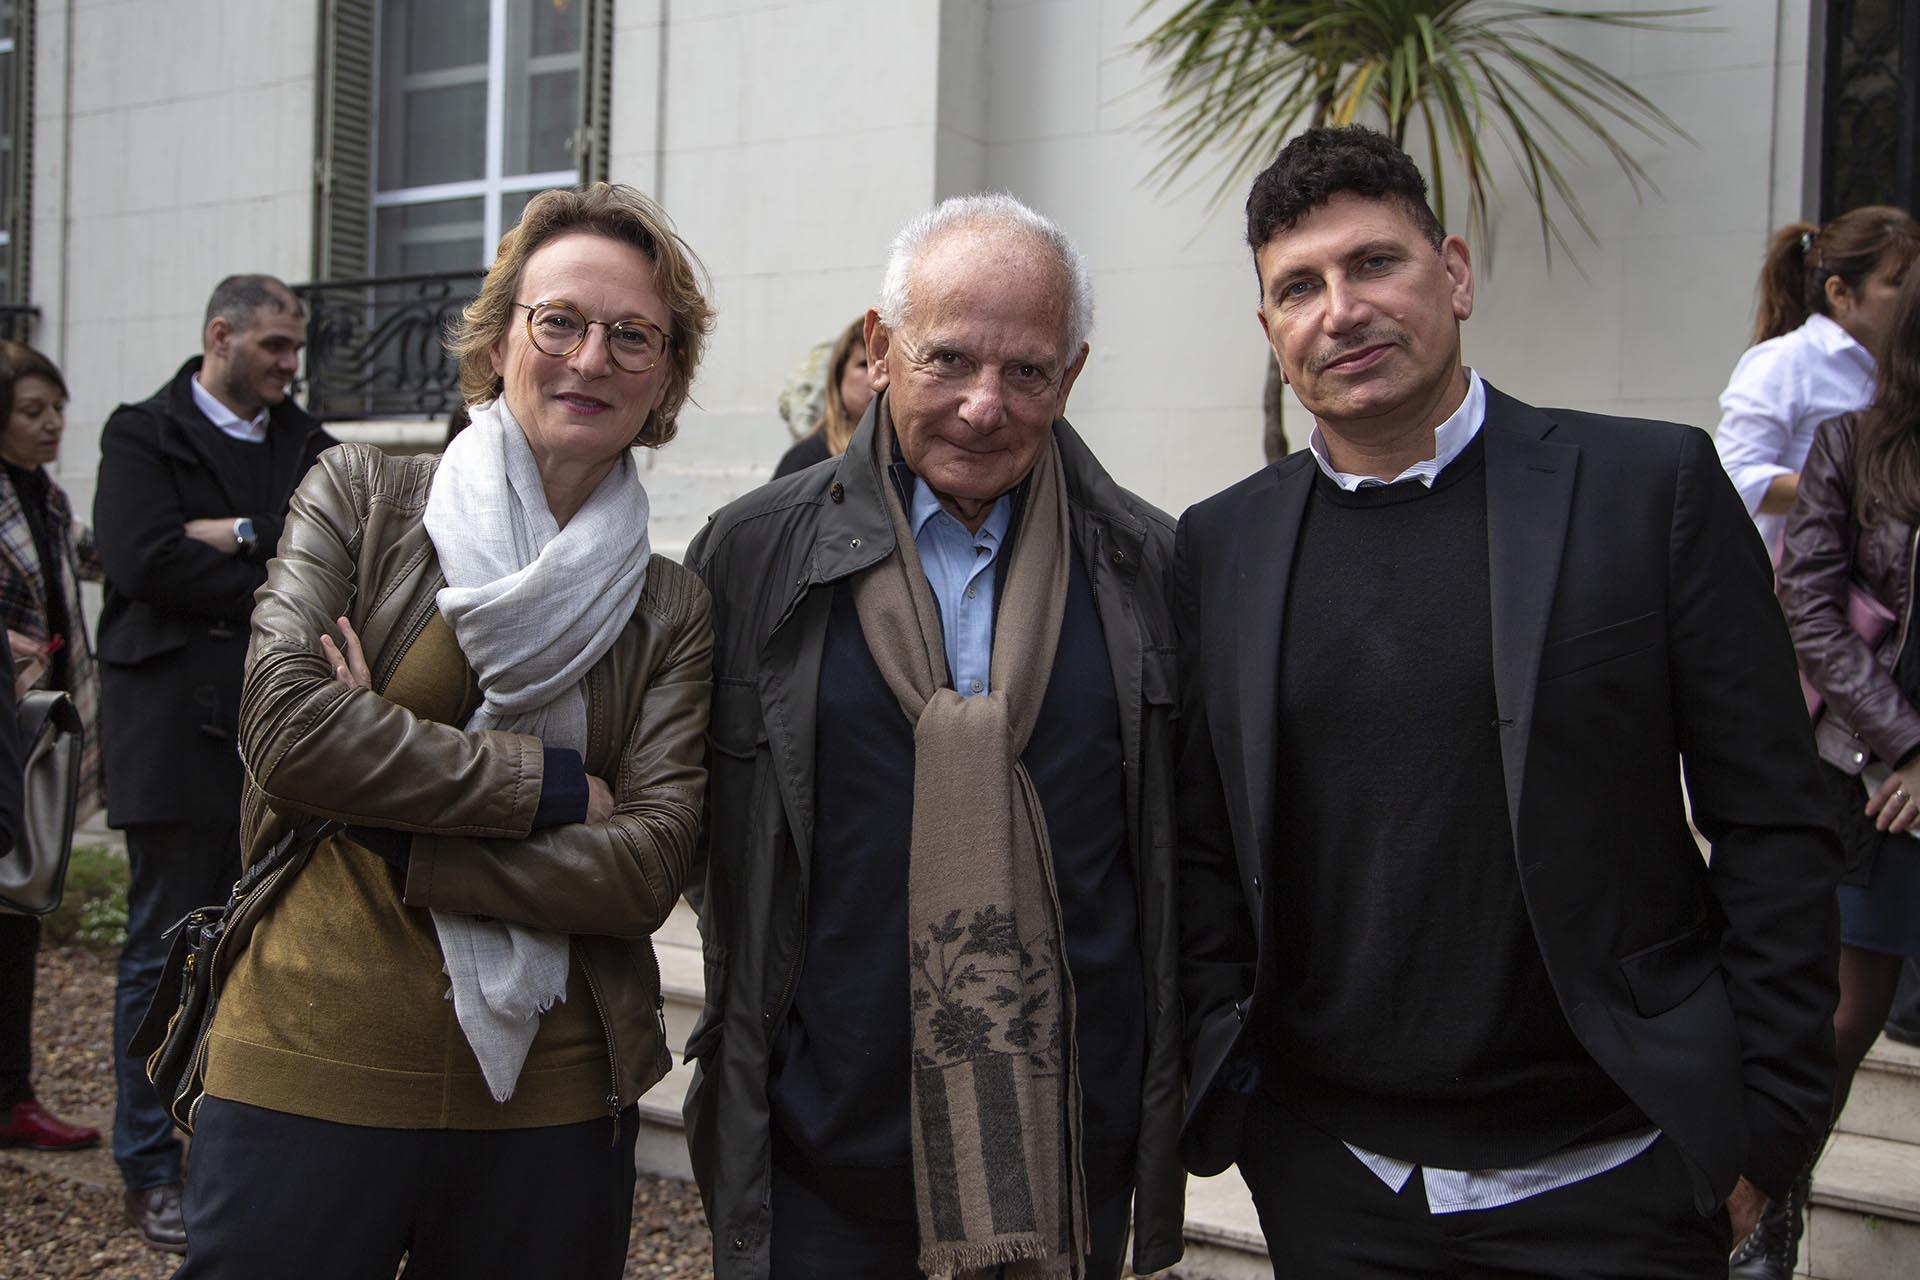 La curadora Paula Aizemberg, el cineasta y coleccionista Marin Kartmiz y el artista iraní Reza Aramesh. (Embajada de Italia ©jimenasalvatierra)